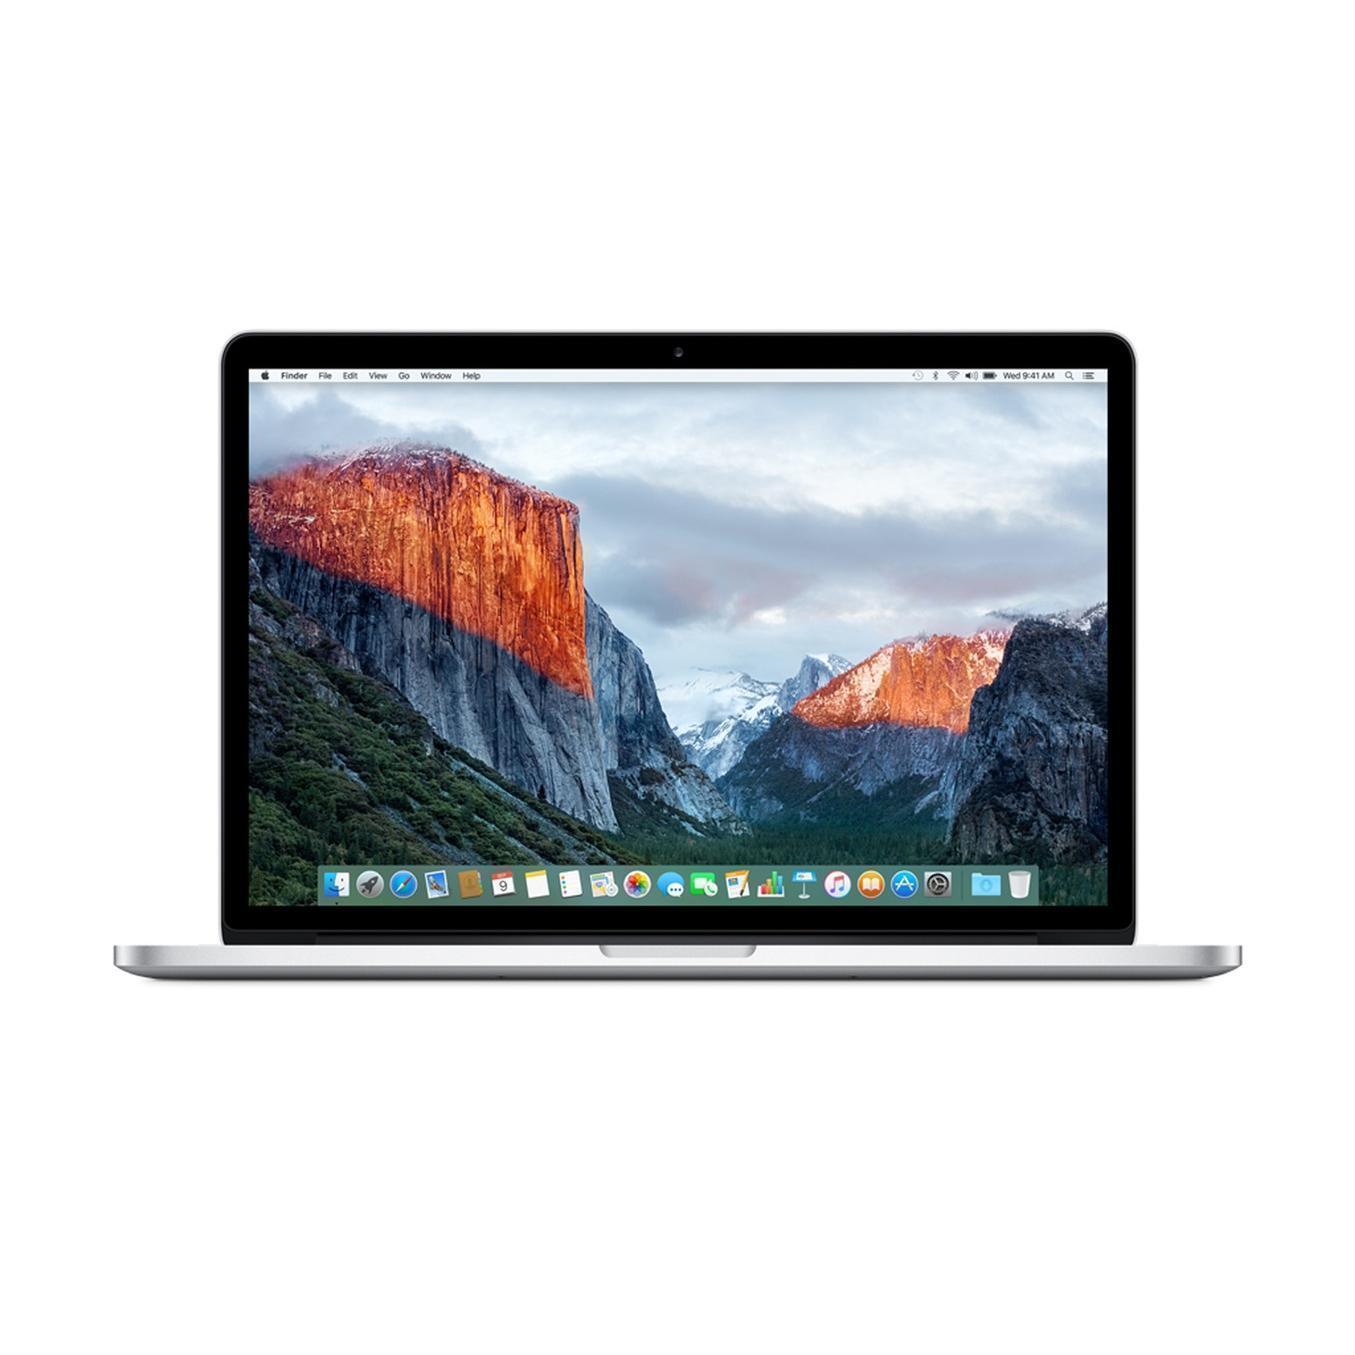 MacBook Pro Retina 15,4-tum (2012) - Core i7 - 16GB - SSD 500 GB QWERTZ - Tyska